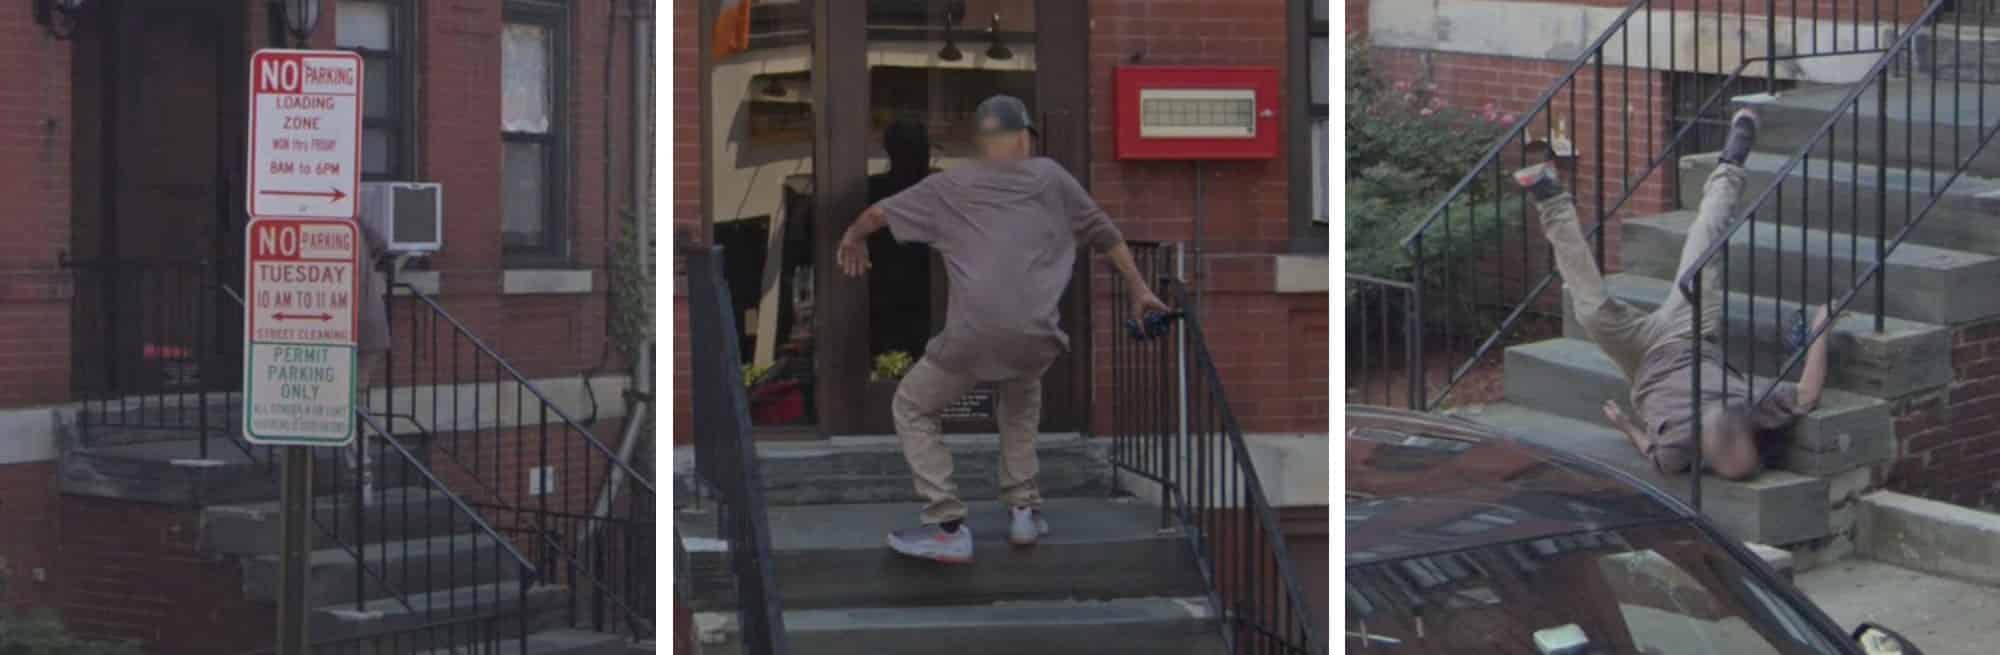 Google Street View captura el momento exacto de un hombre cayendo por las escaleras.